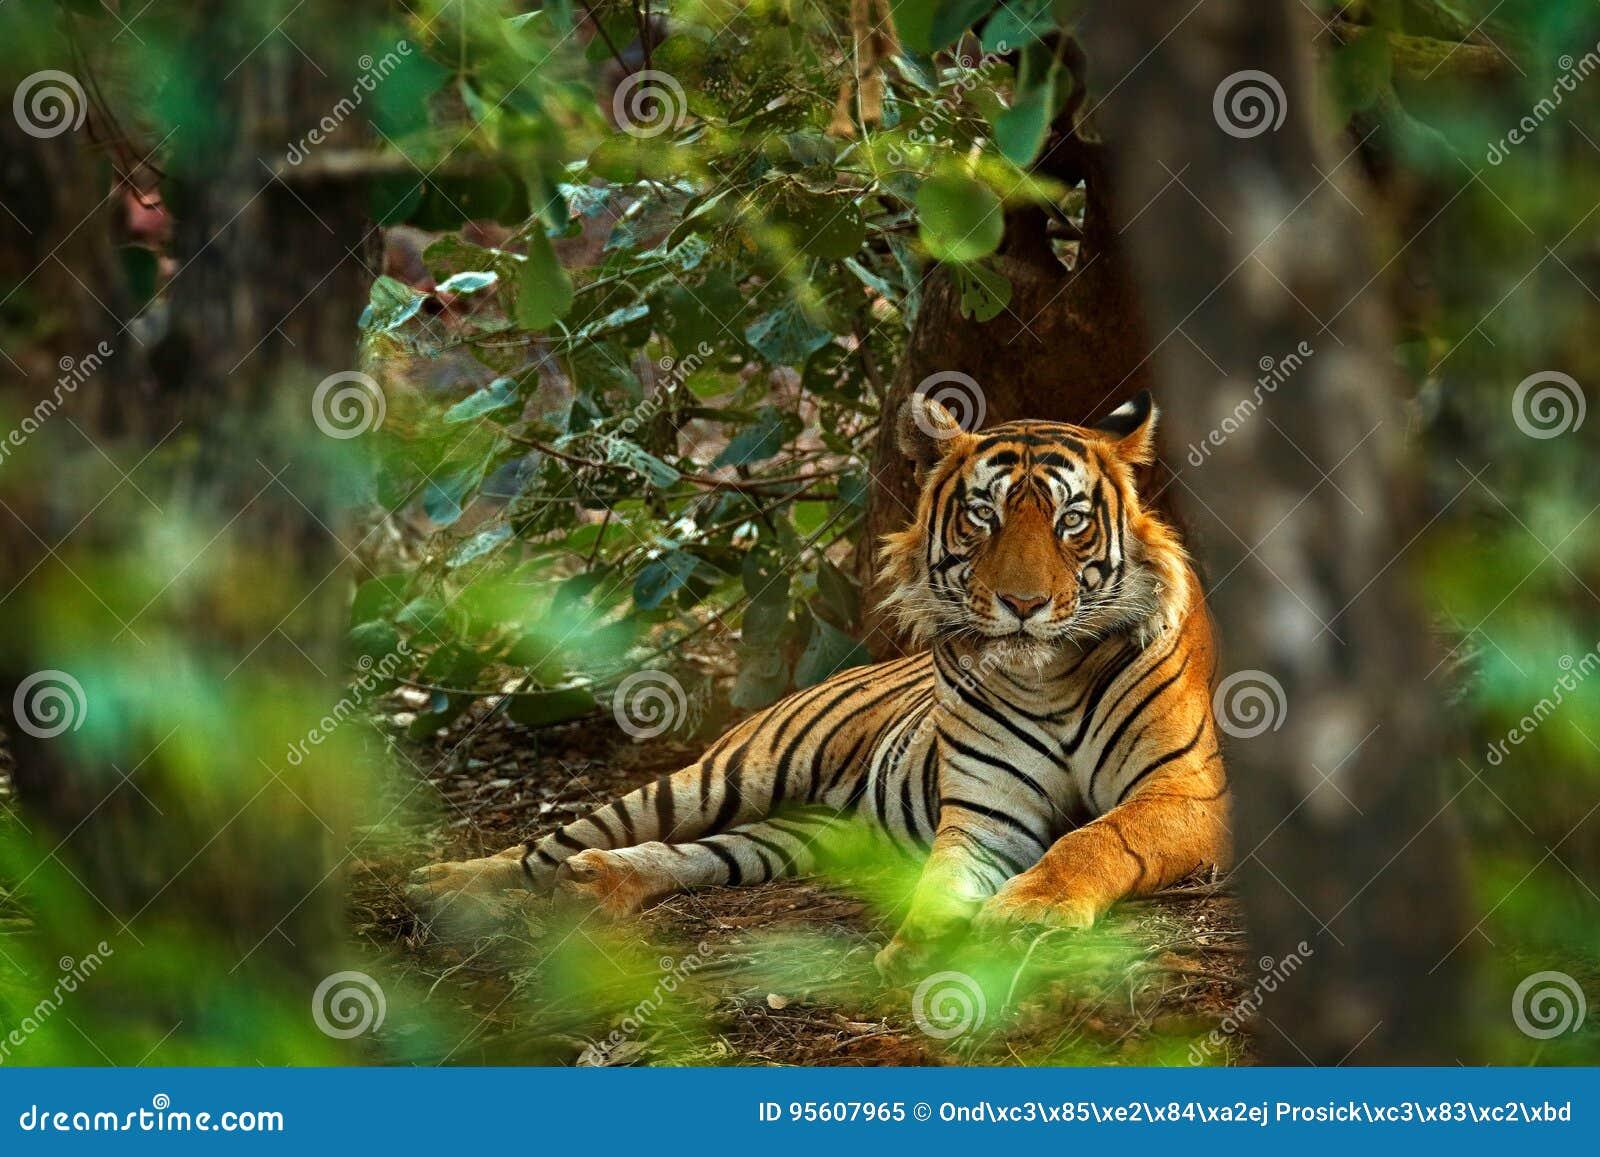 Индийский мужчина тигра с первым дождем, диким животным в среду обитания природы, Ranthambore, Индией Большая кошка, угрожаемое ж